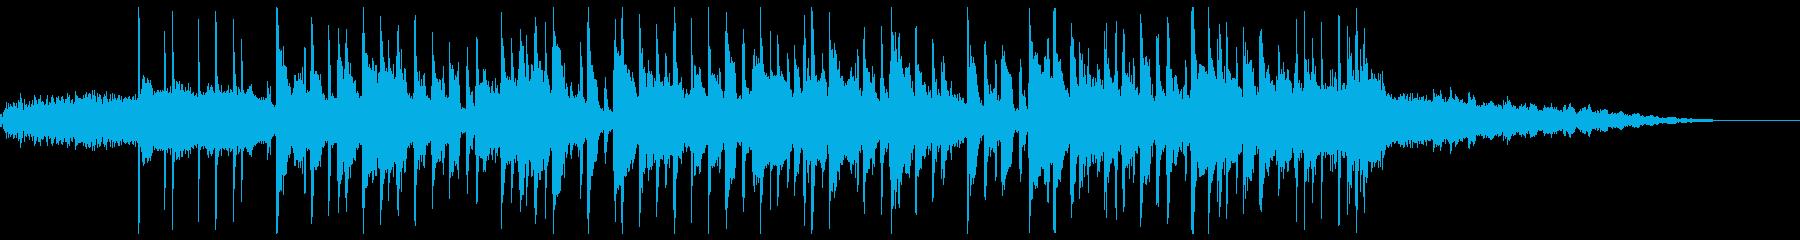 クールなジャズファンクジングルの再生済みの波形